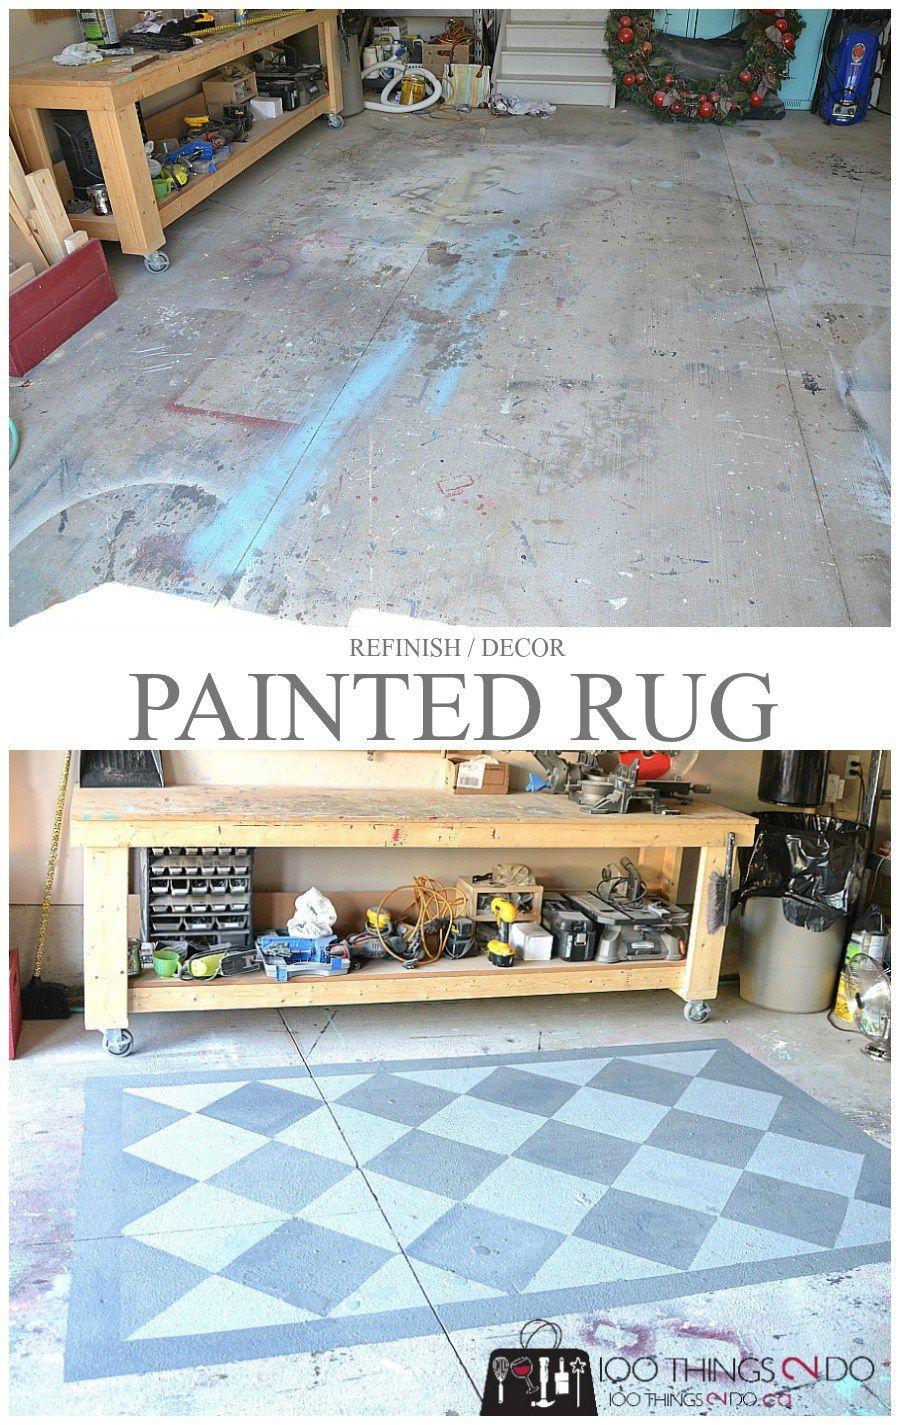 Painting The Garage Floor Painted Rug 100 Things 2 Do Painted Rug Painted Patio Paint Concrete Patio